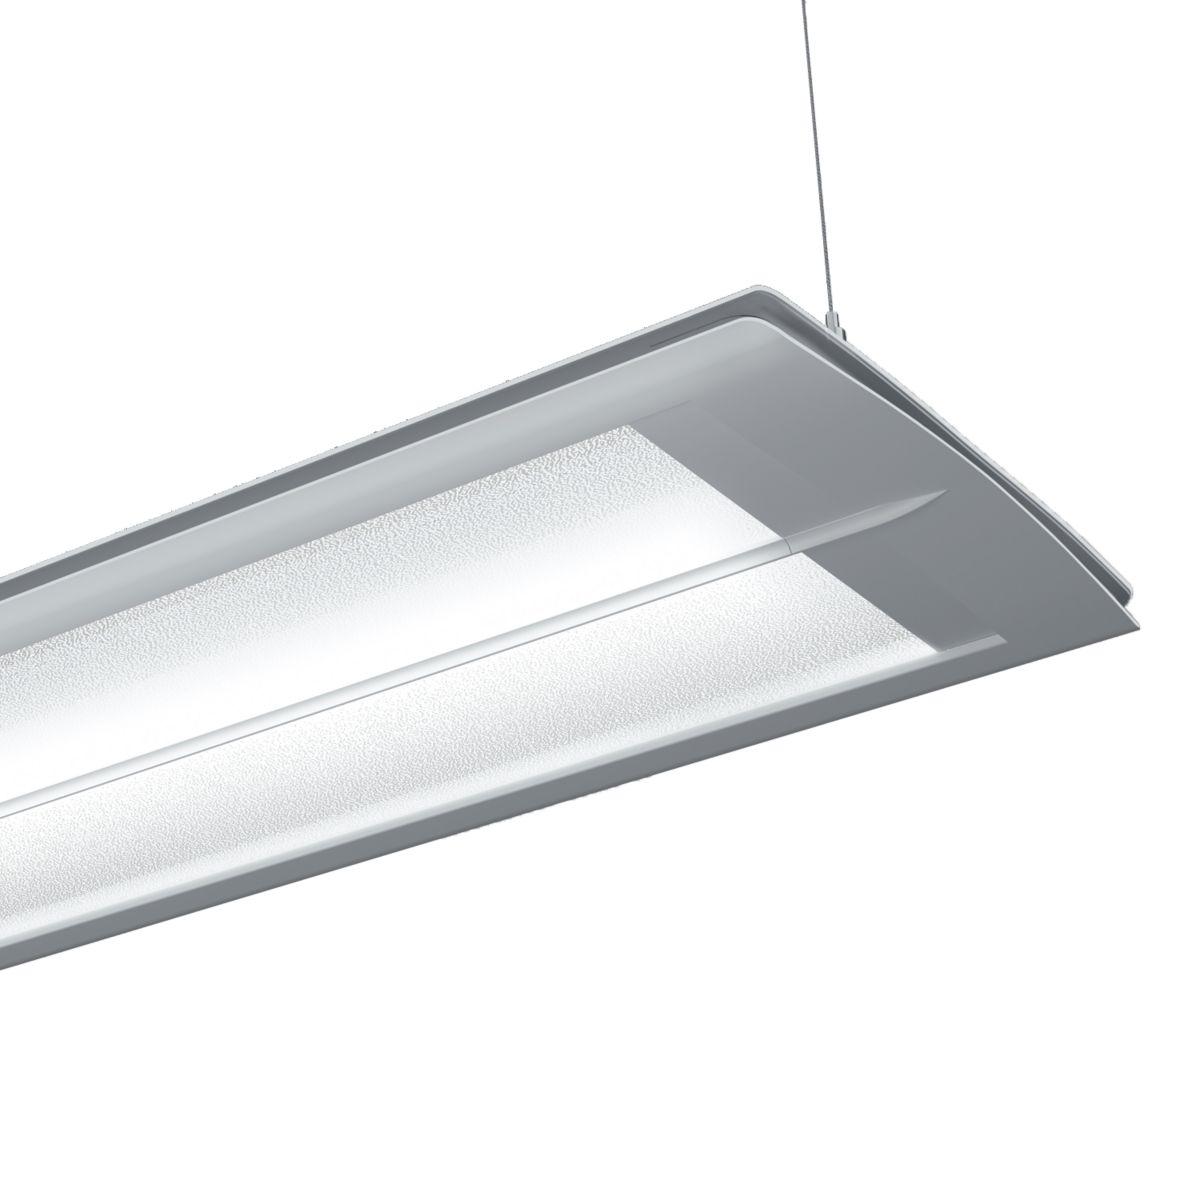 Divide Suspended LED